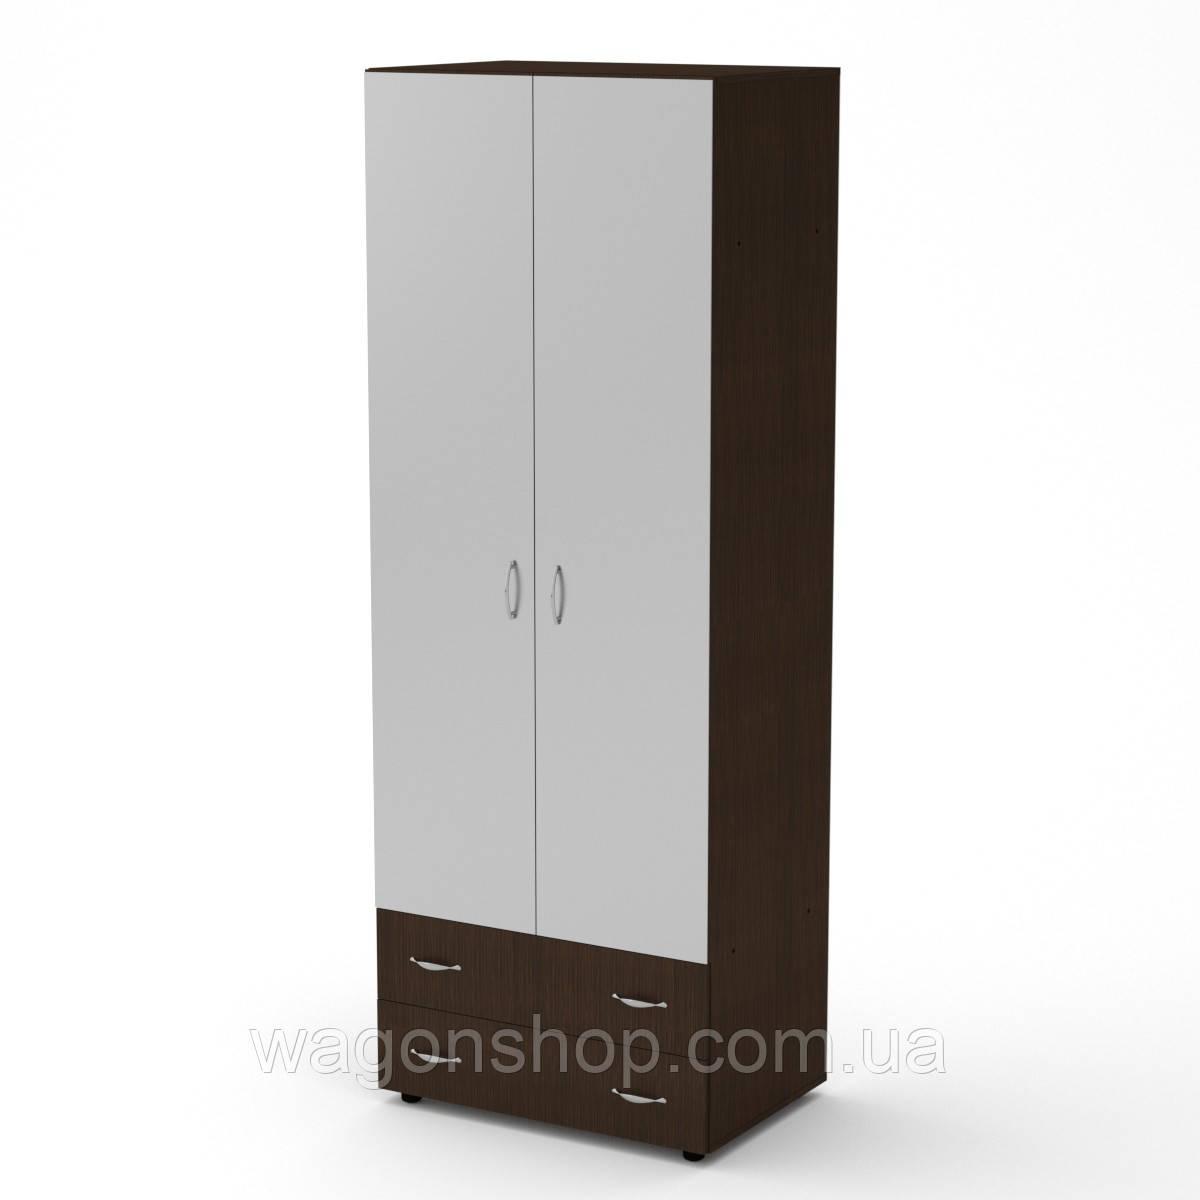 Шкаф для спальни Компанит ШКАФ-5